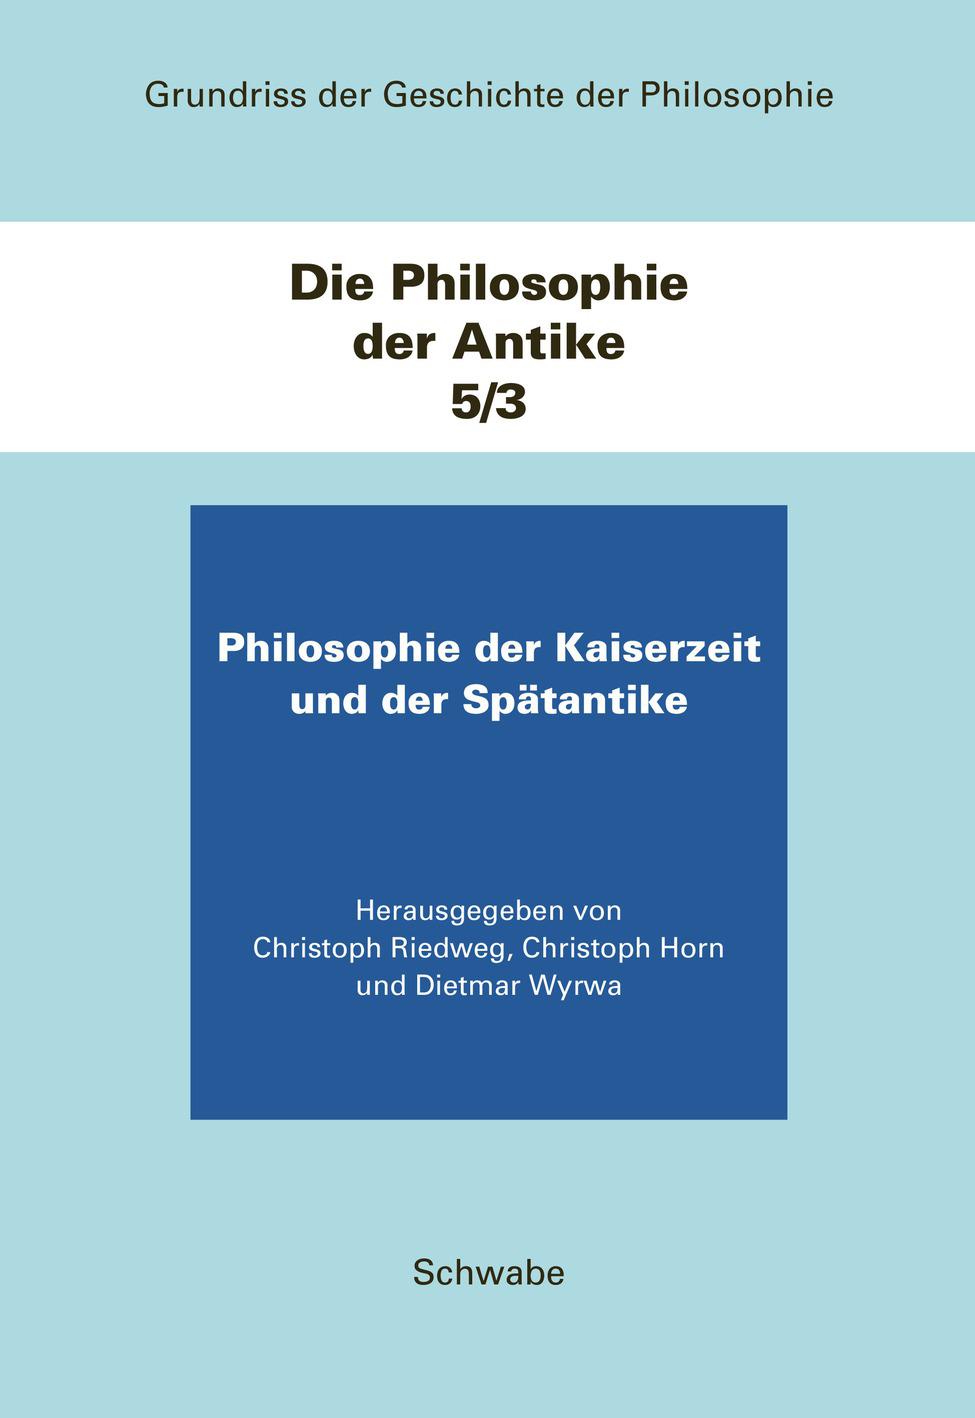 Die Philosophie der Antike